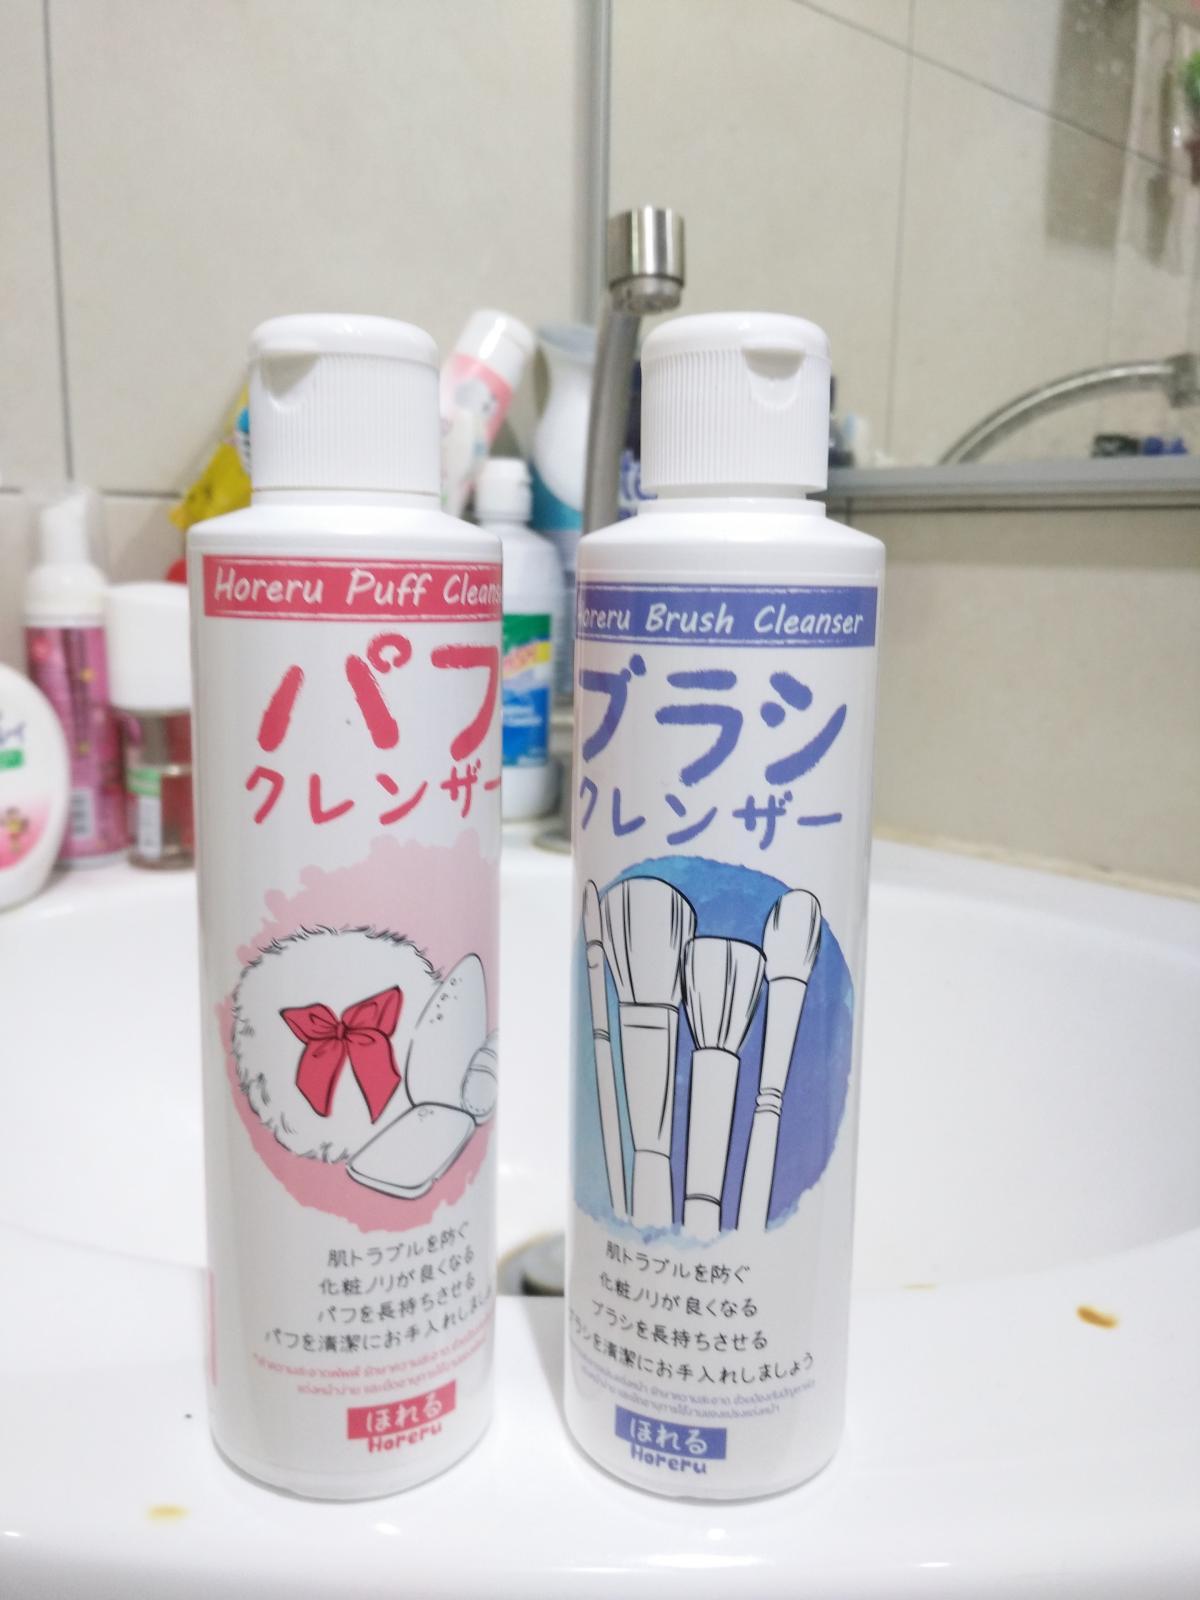 Horeru Puff / Brush Cleanser